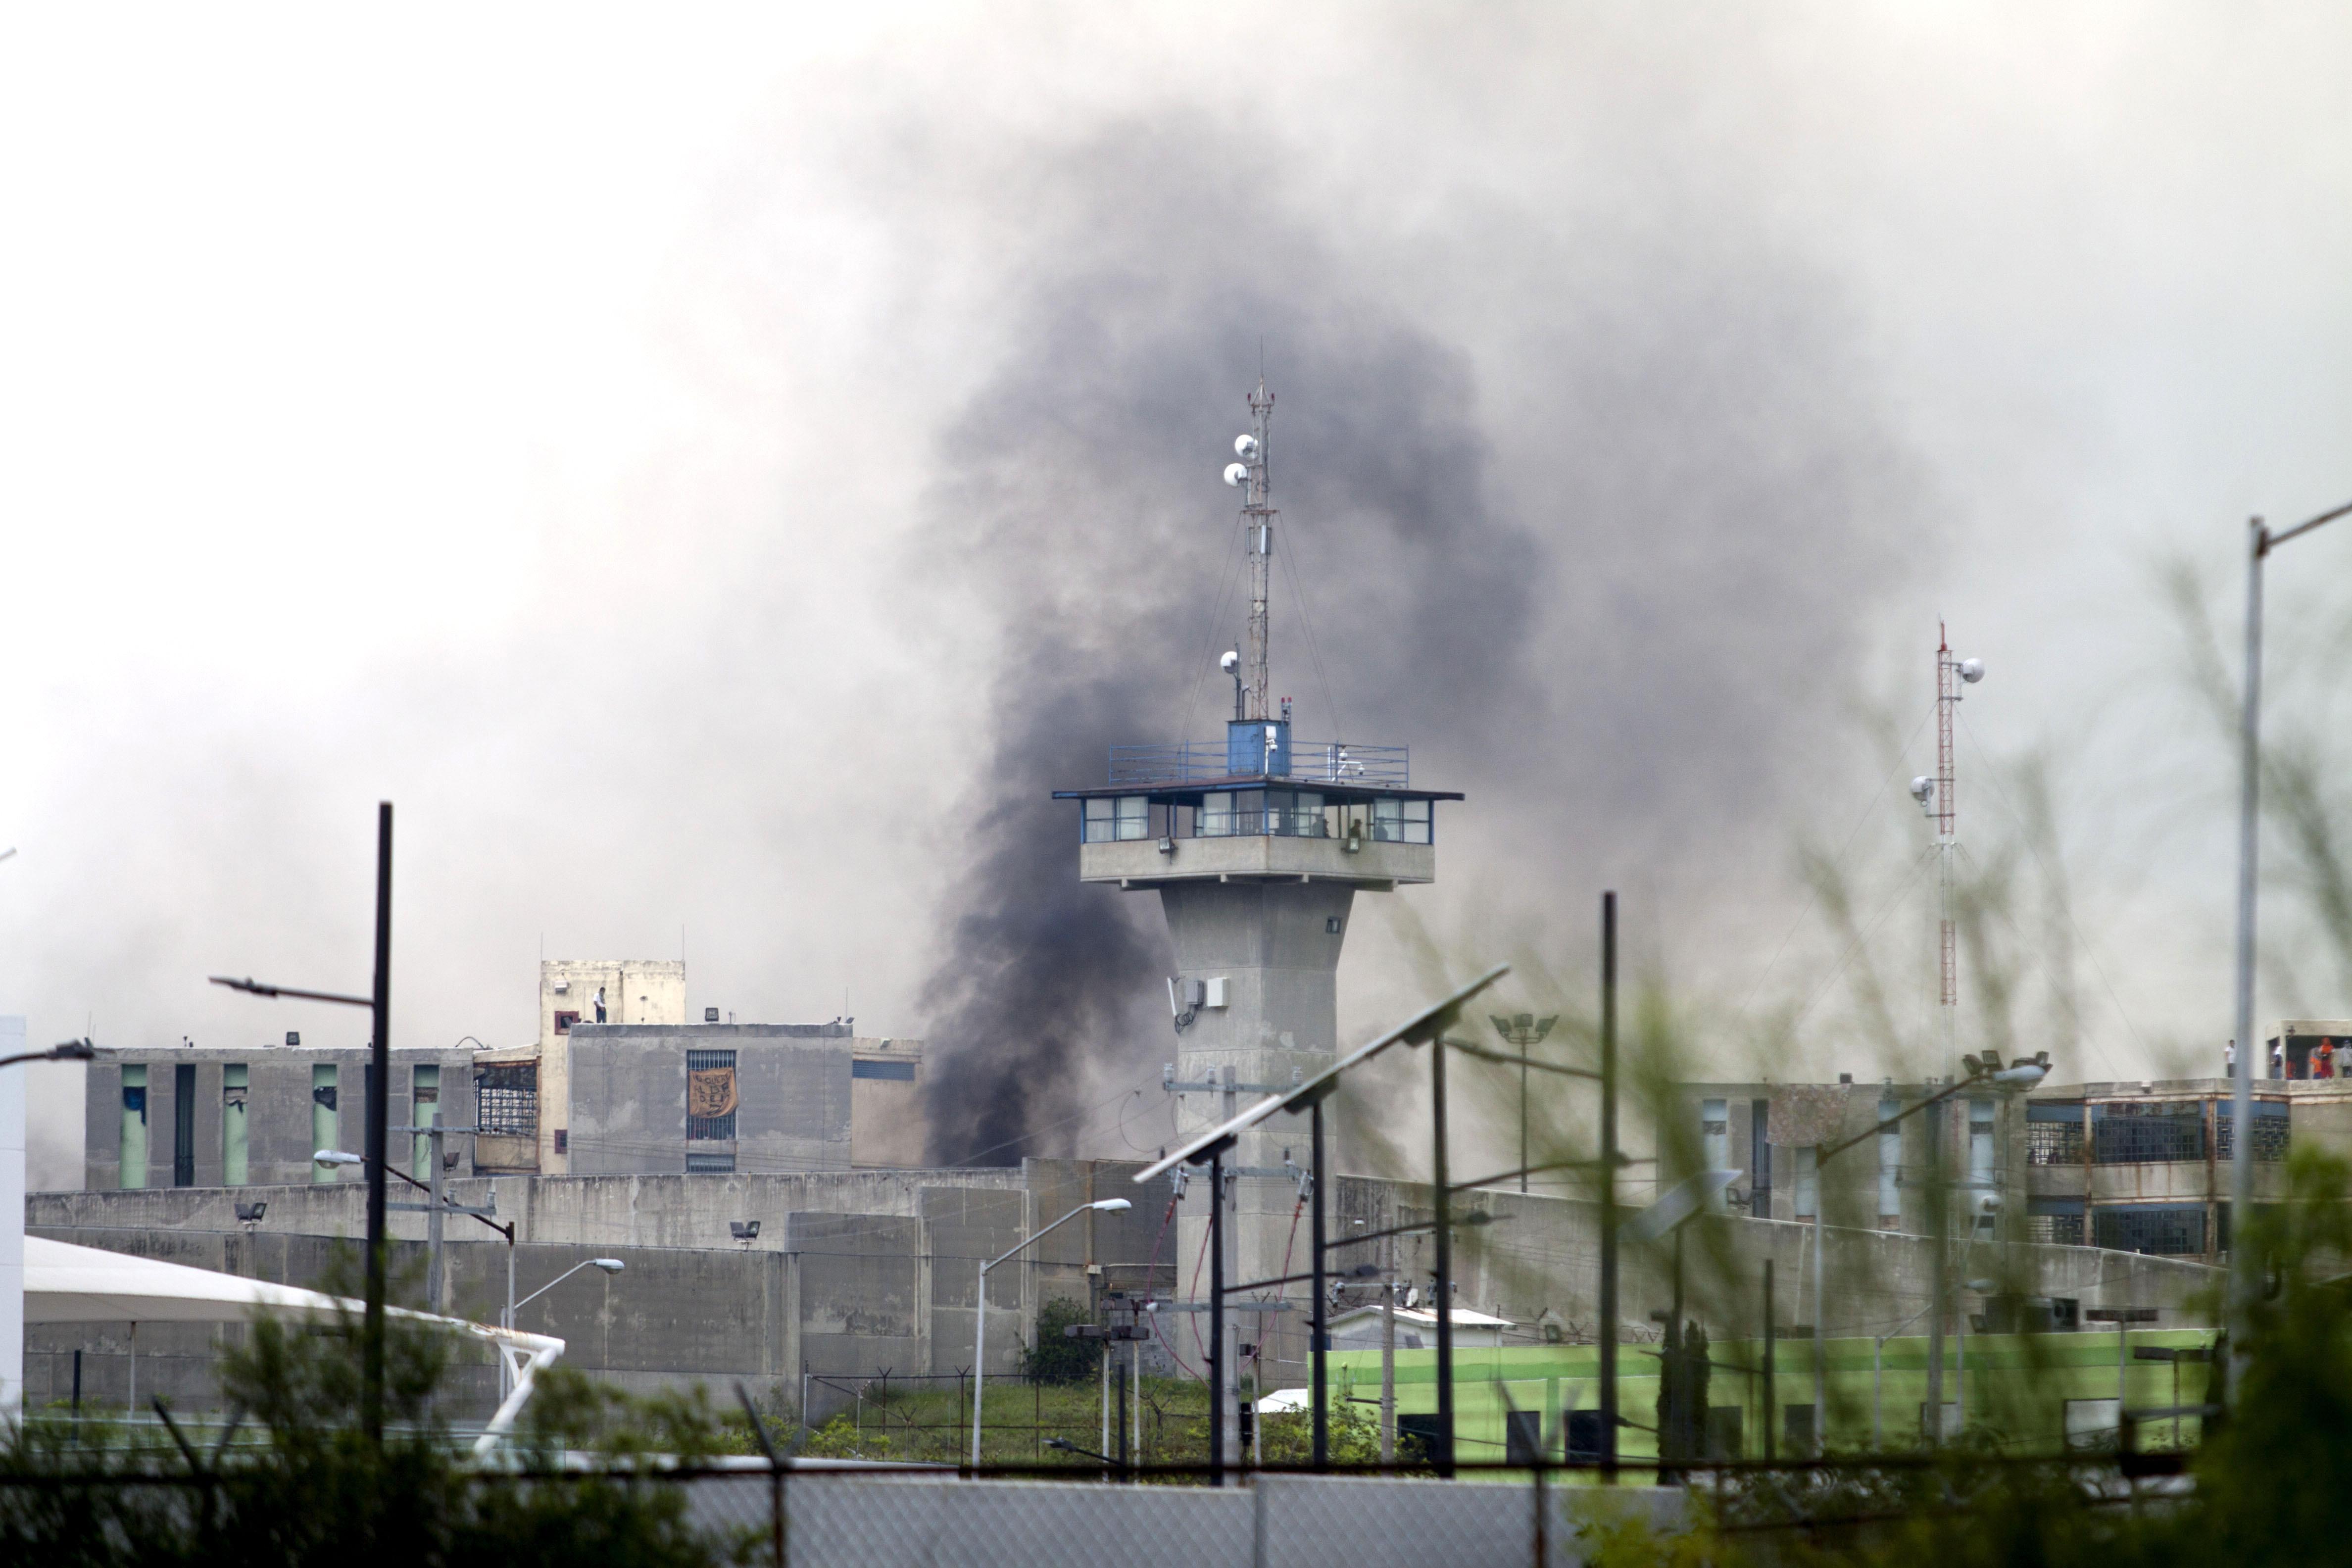 Rivolta in carcere in Messico, 13 i morti